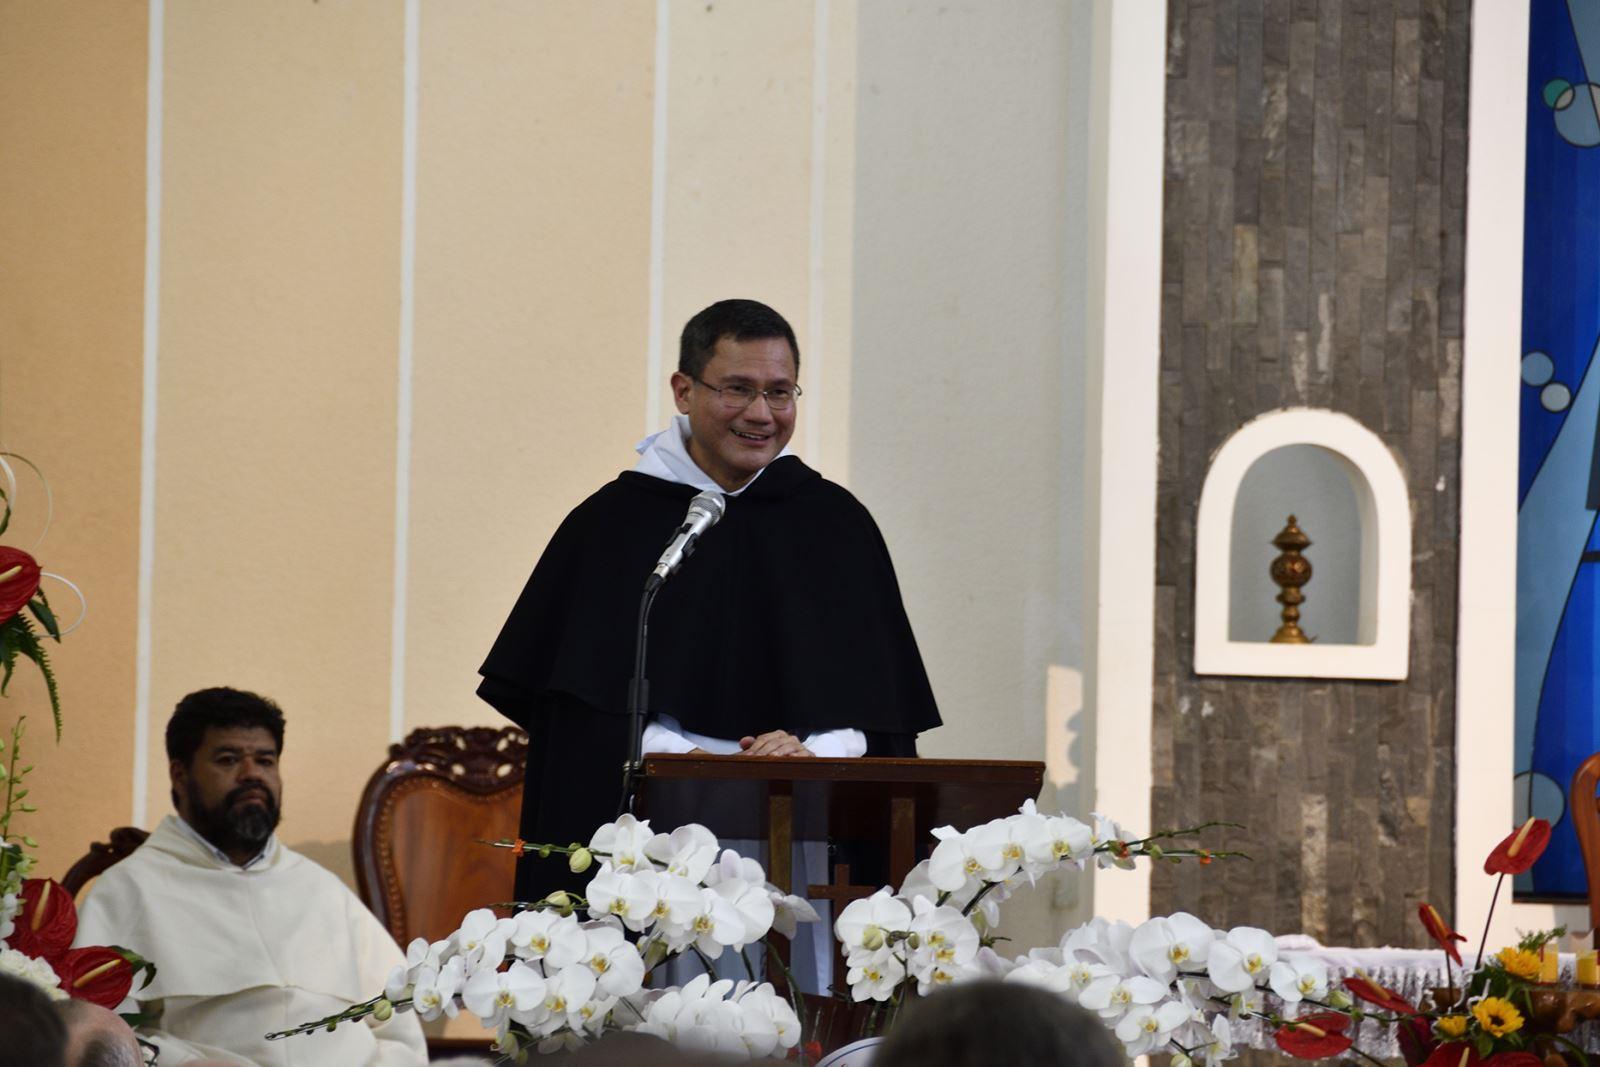 Tân Bề Trên Tổng Quyền Dòng Đa Minh: Cha Gerard Francisco Parco Timoner III - người Philippines